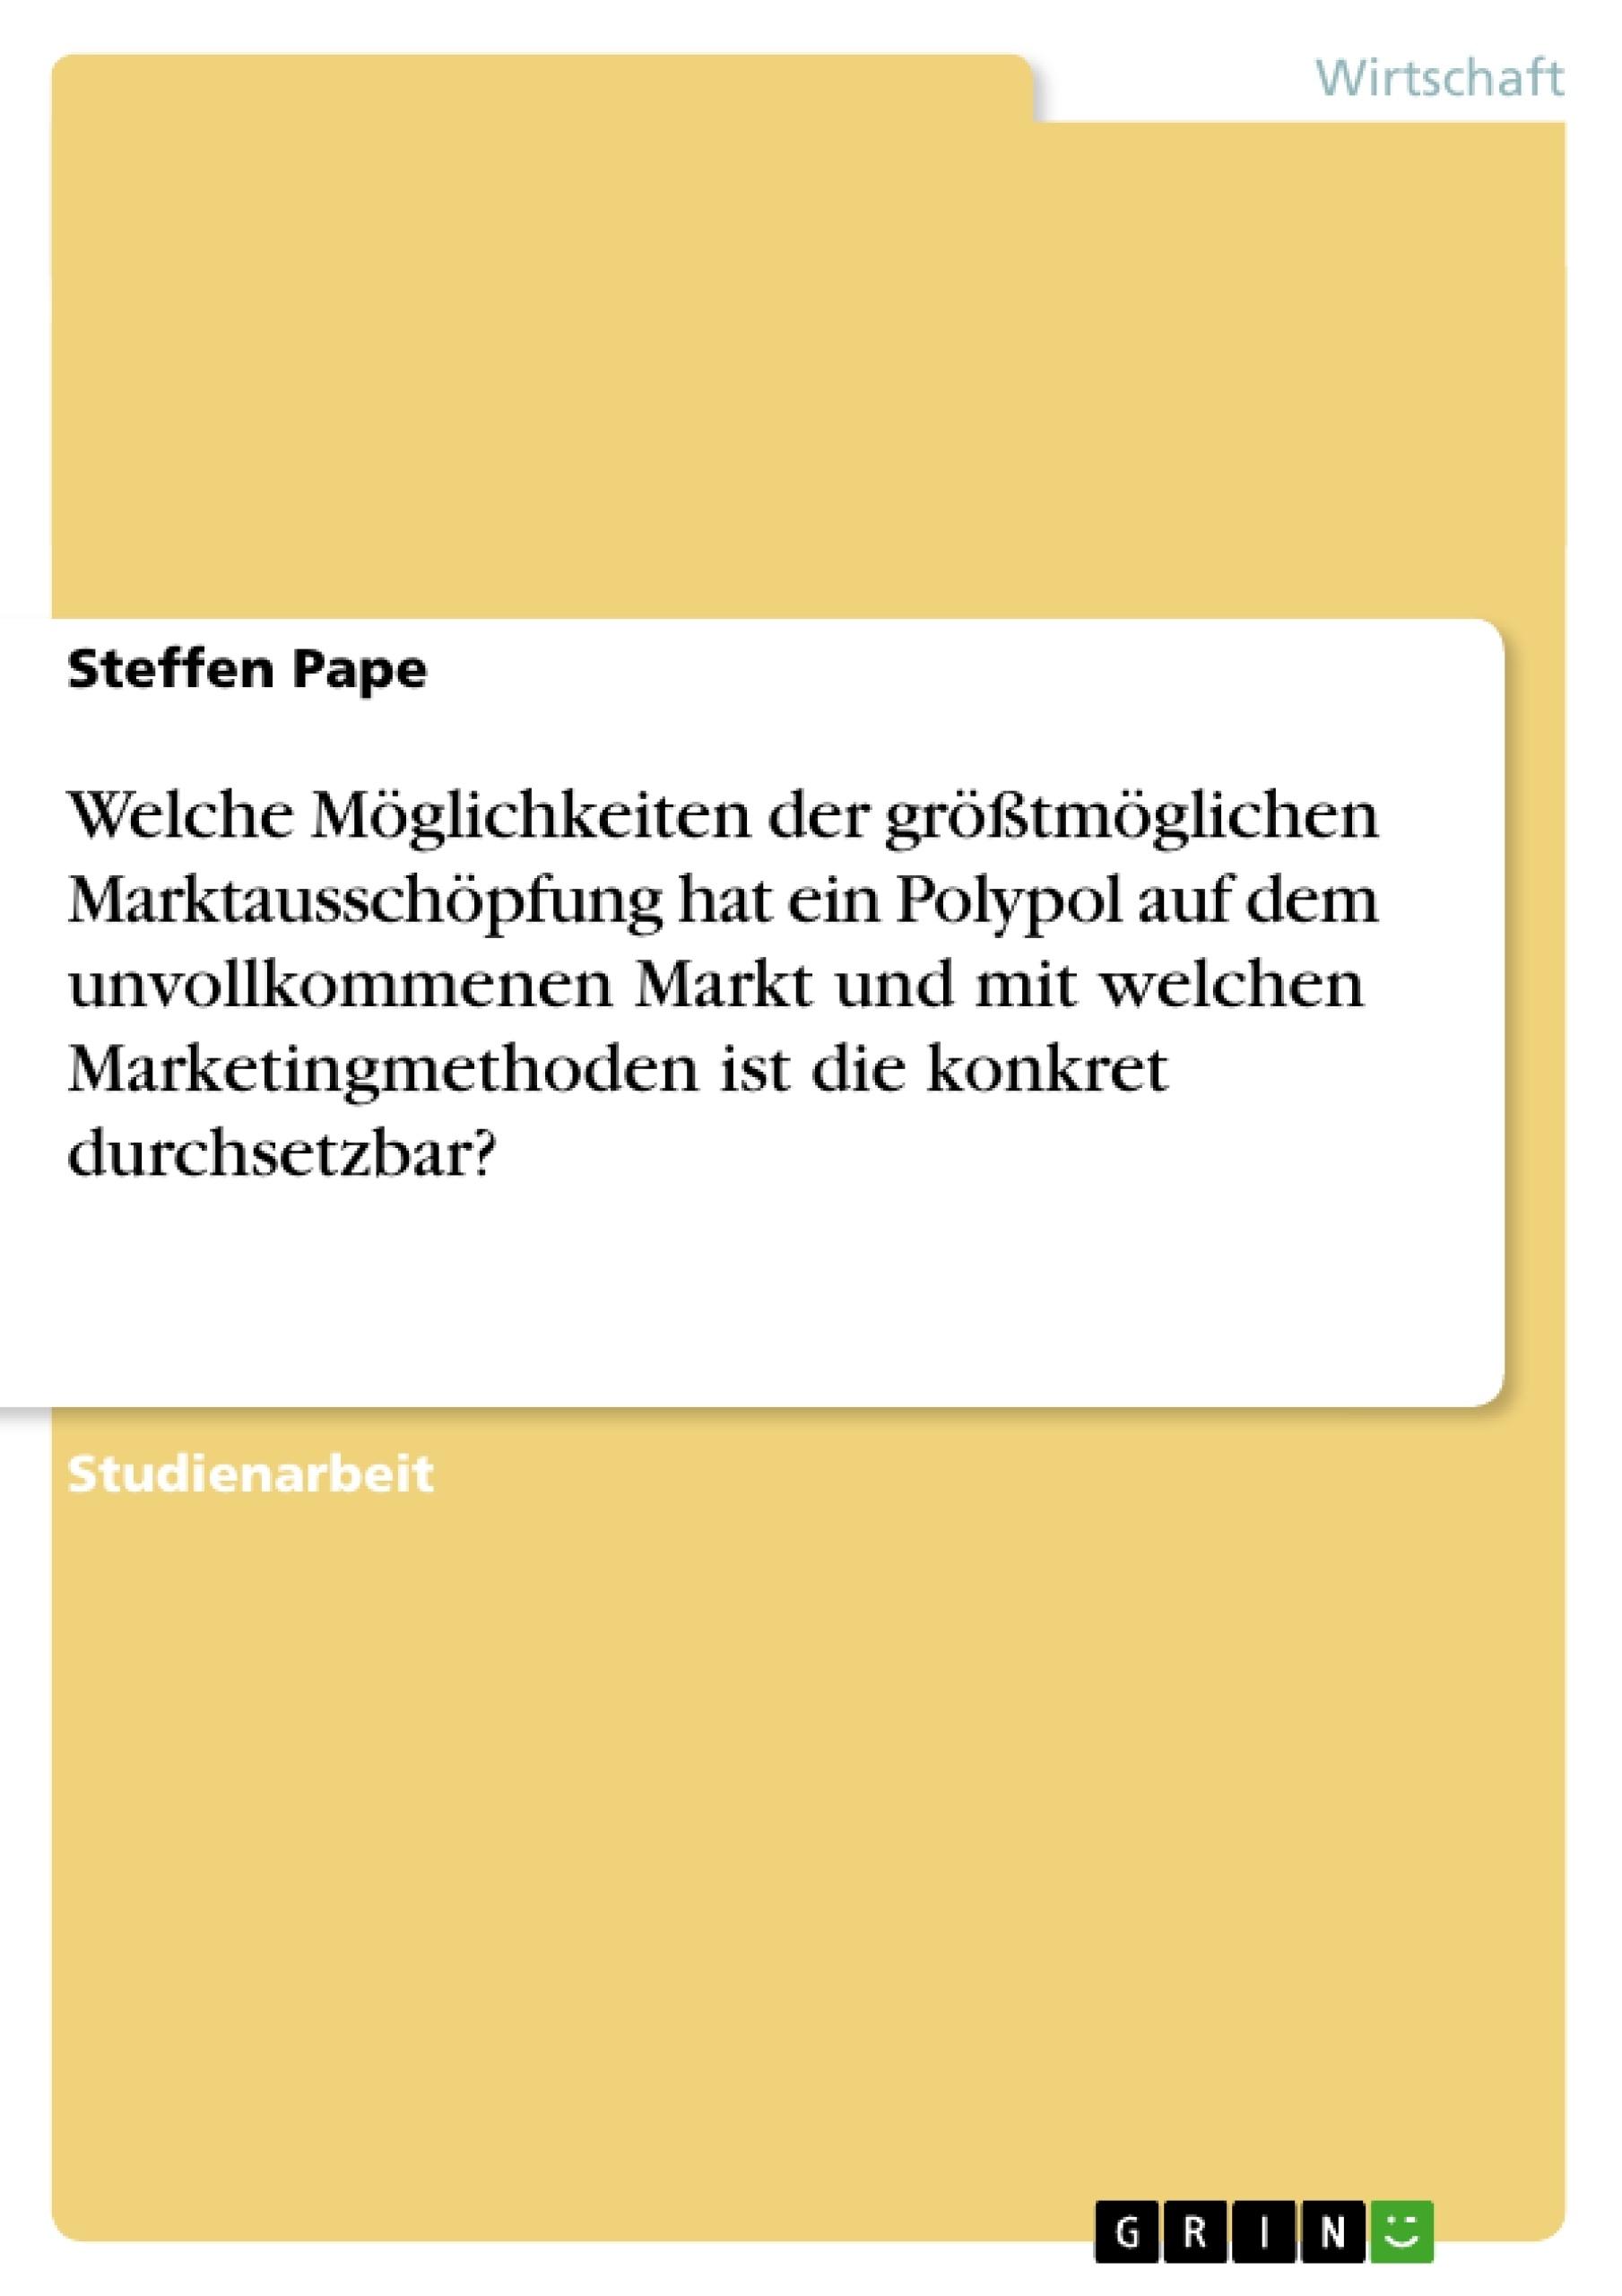 Titel: Welche Möglichkeiten der größtmöglichen Marktausschöpfung hat ein Polypol auf dem unvollkommenen Markt und mit welchen Marketingmethoden ist die konkret durchsetzbar?